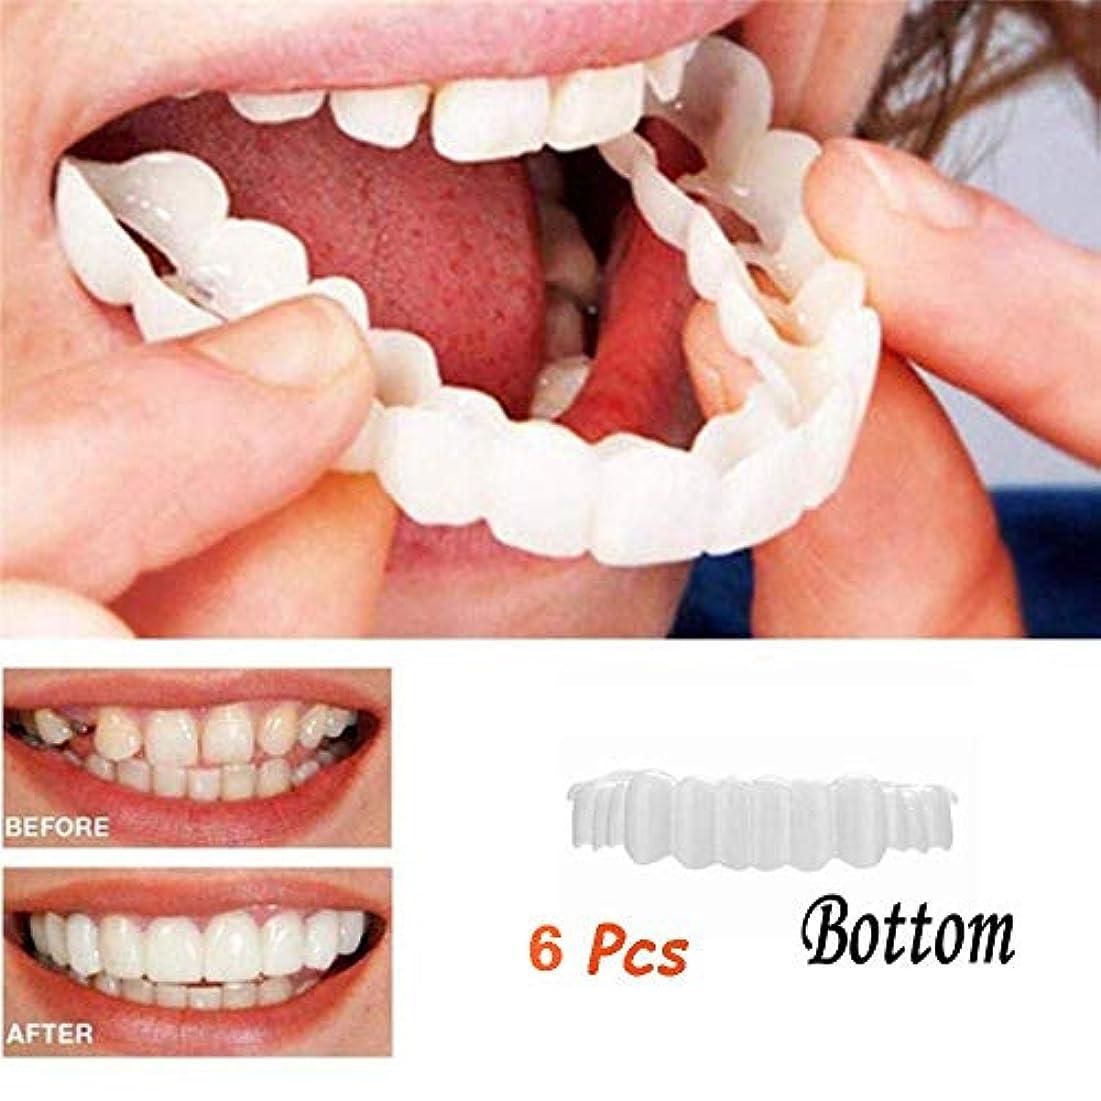 下化粧品の歯の快適さフィットフレックス化粧品歯義歯歯のすぐホワイトニングスナップインサイズ笑顔サイズフィットほとんど-6個